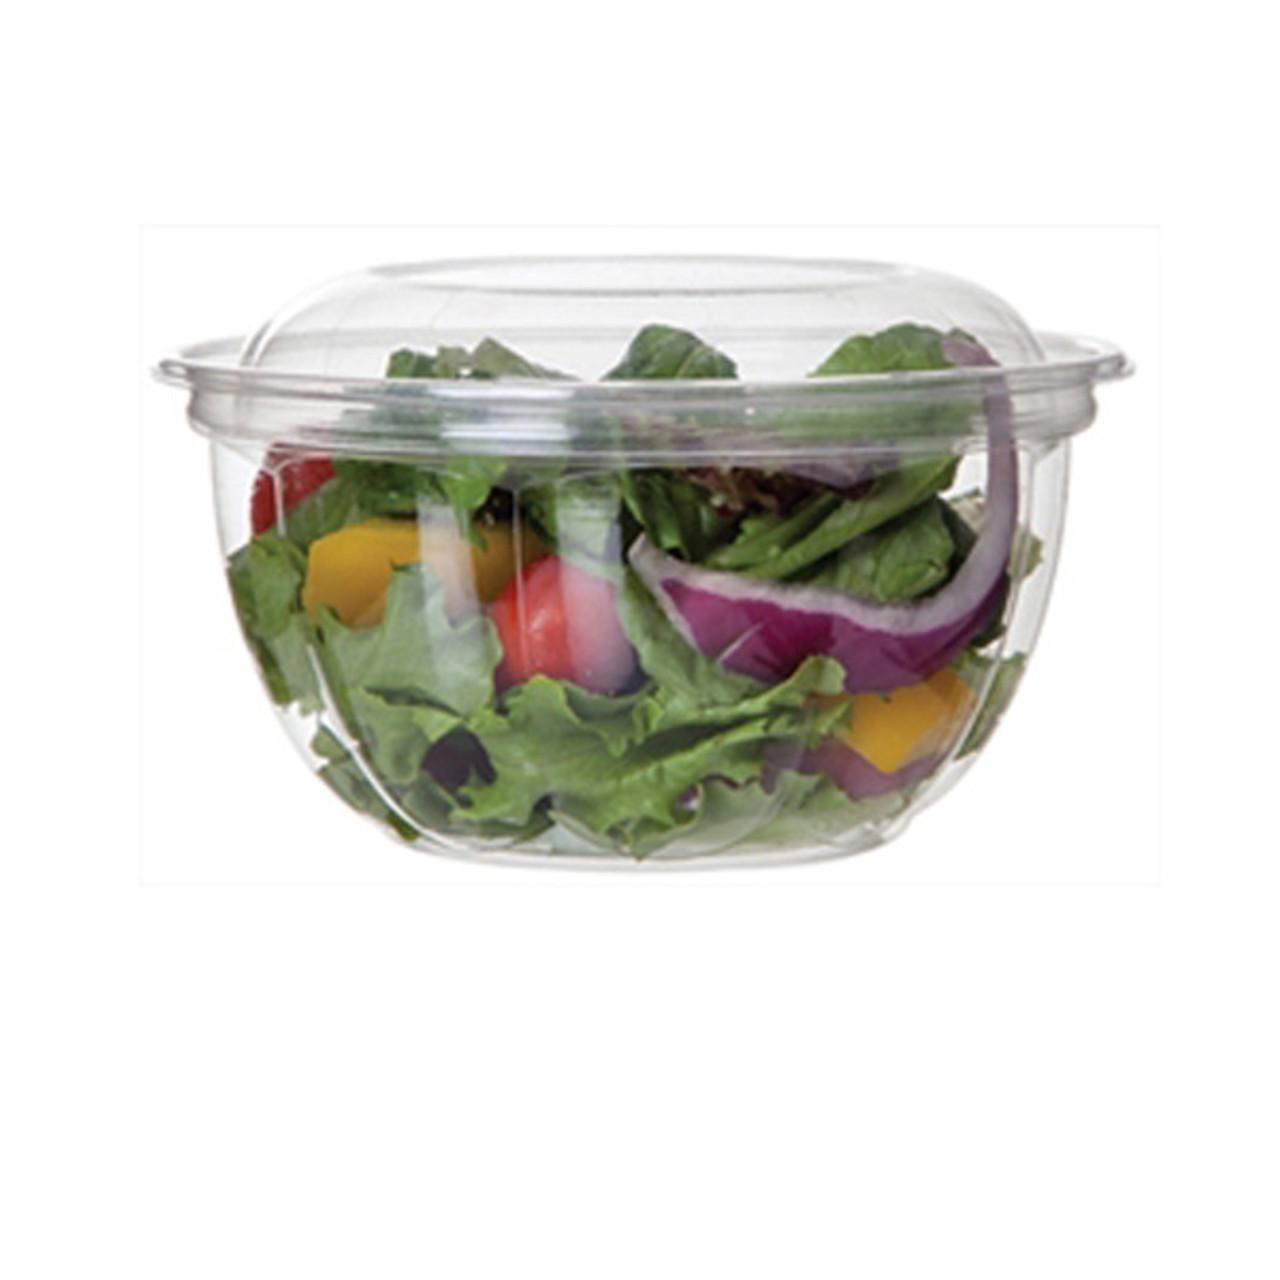 Floral Salad Bowl Base - 16 oz